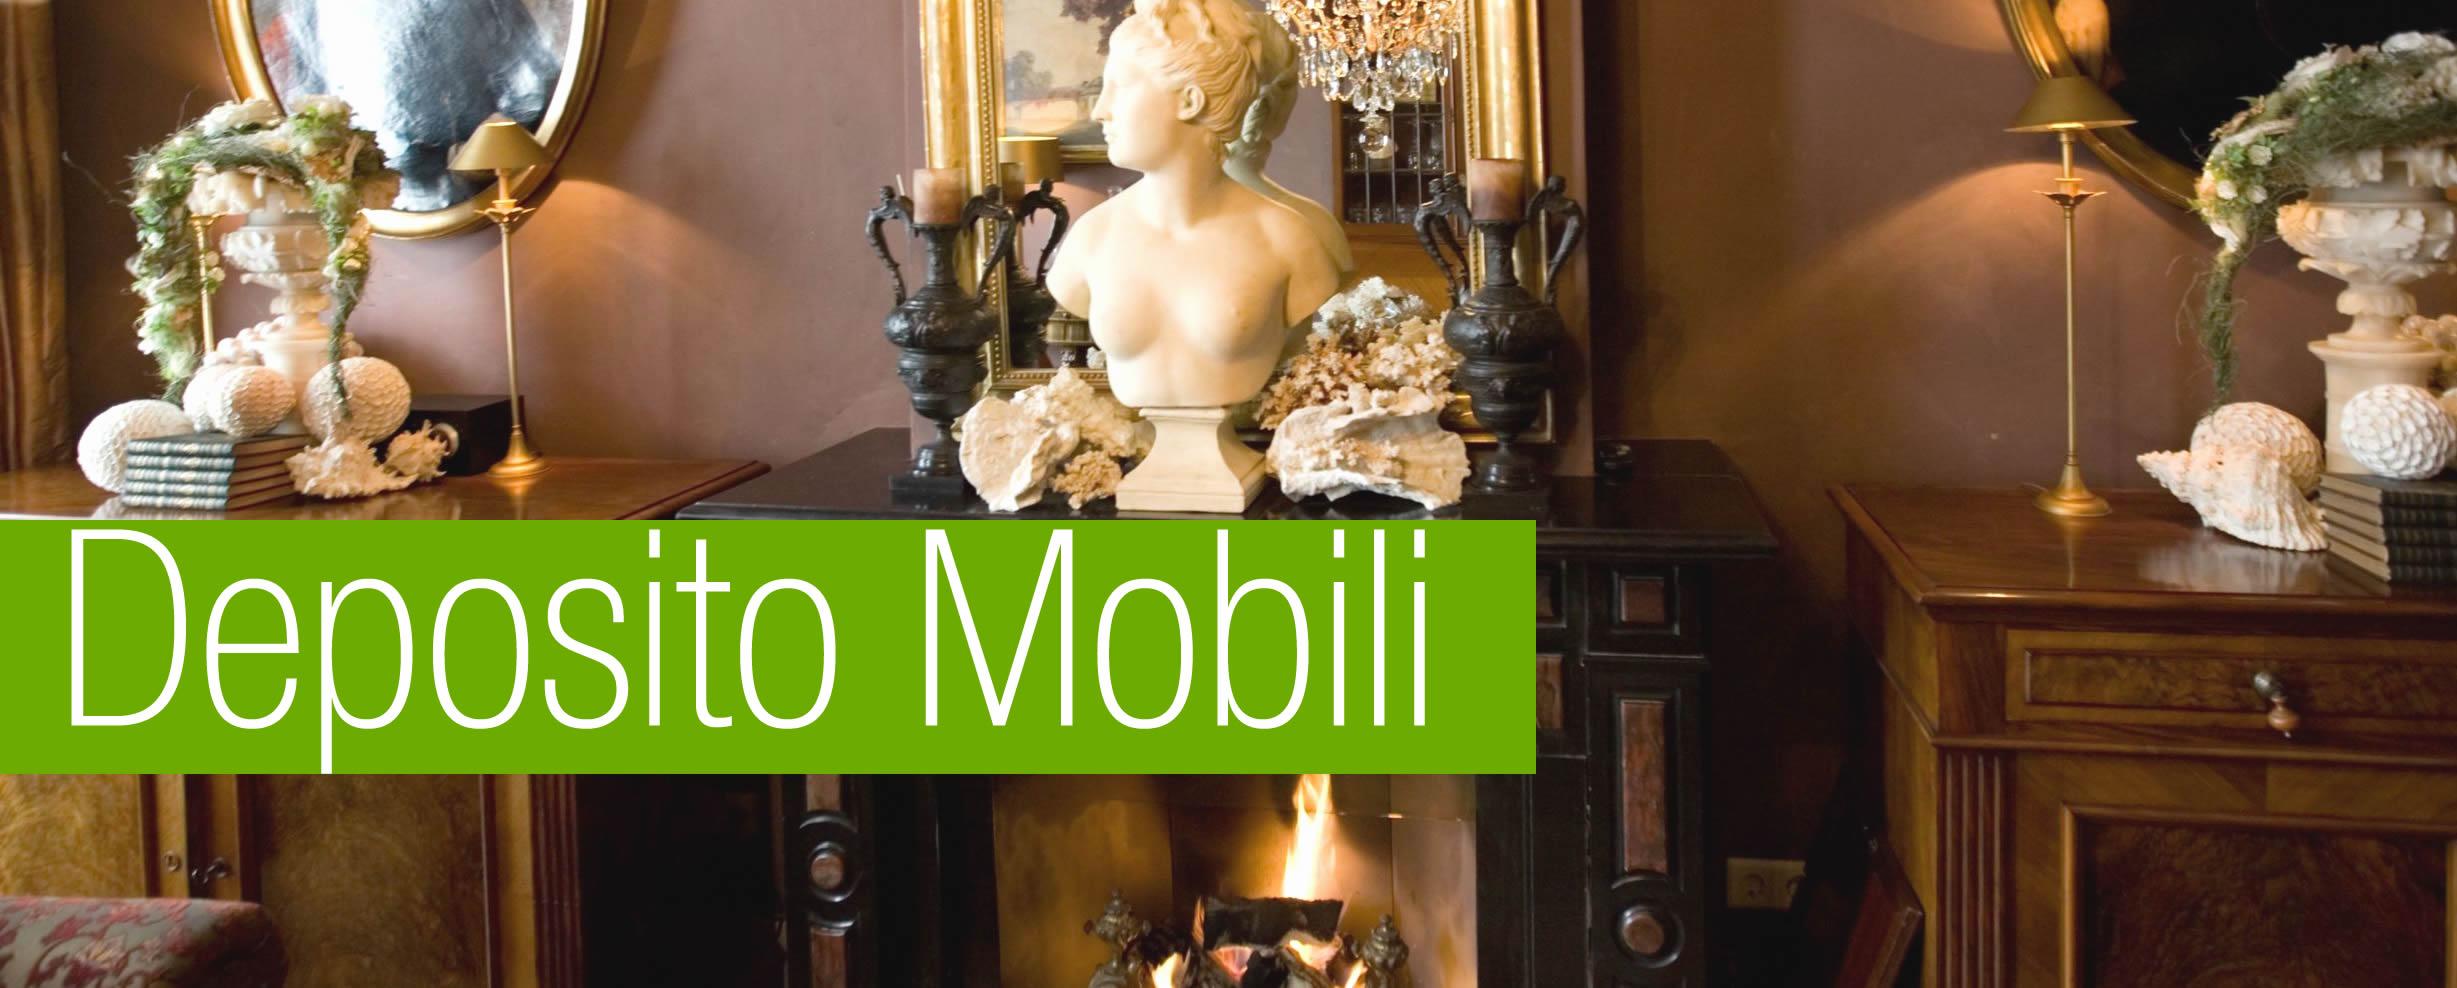 Esquilino - Imballaggi per Trasloco - Deposito Mobili a Esquilino